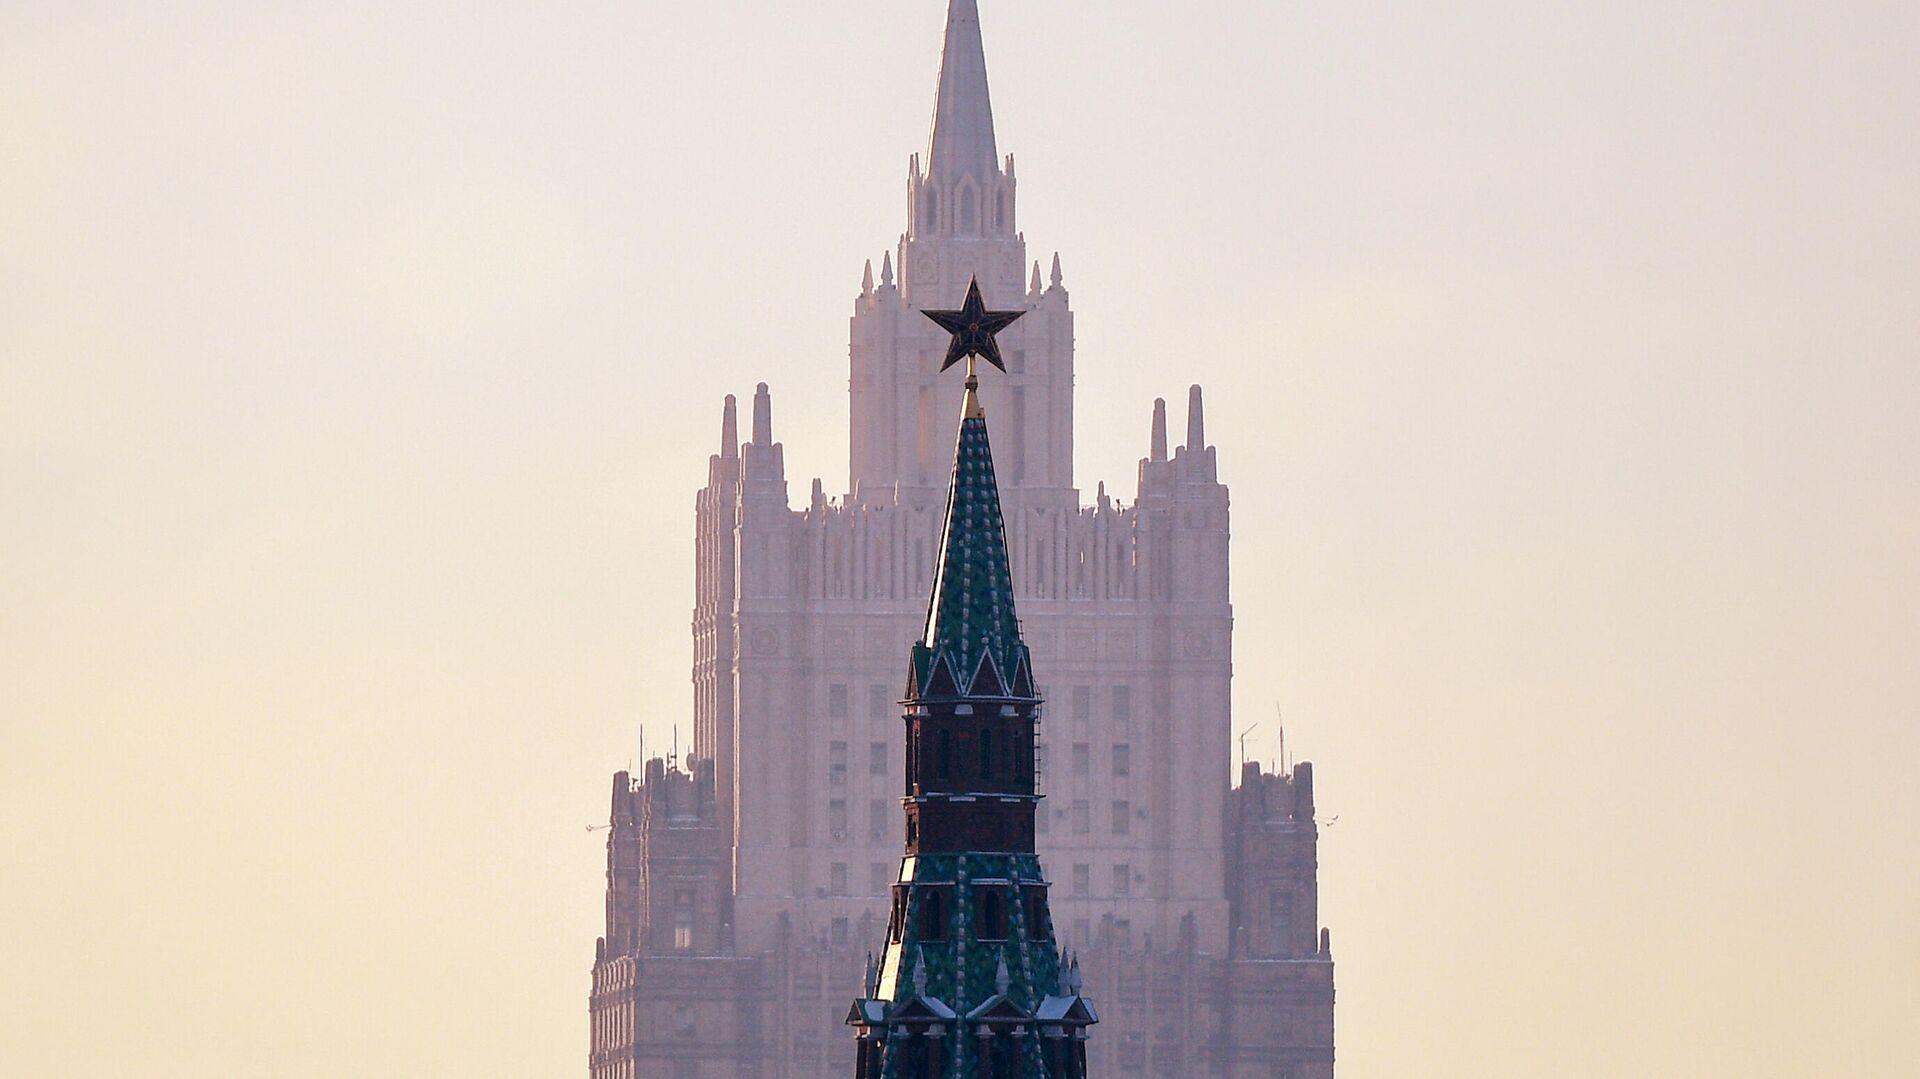 Вид на здание МИД в Москве - РИА Новости, 1920, 02.03.2021